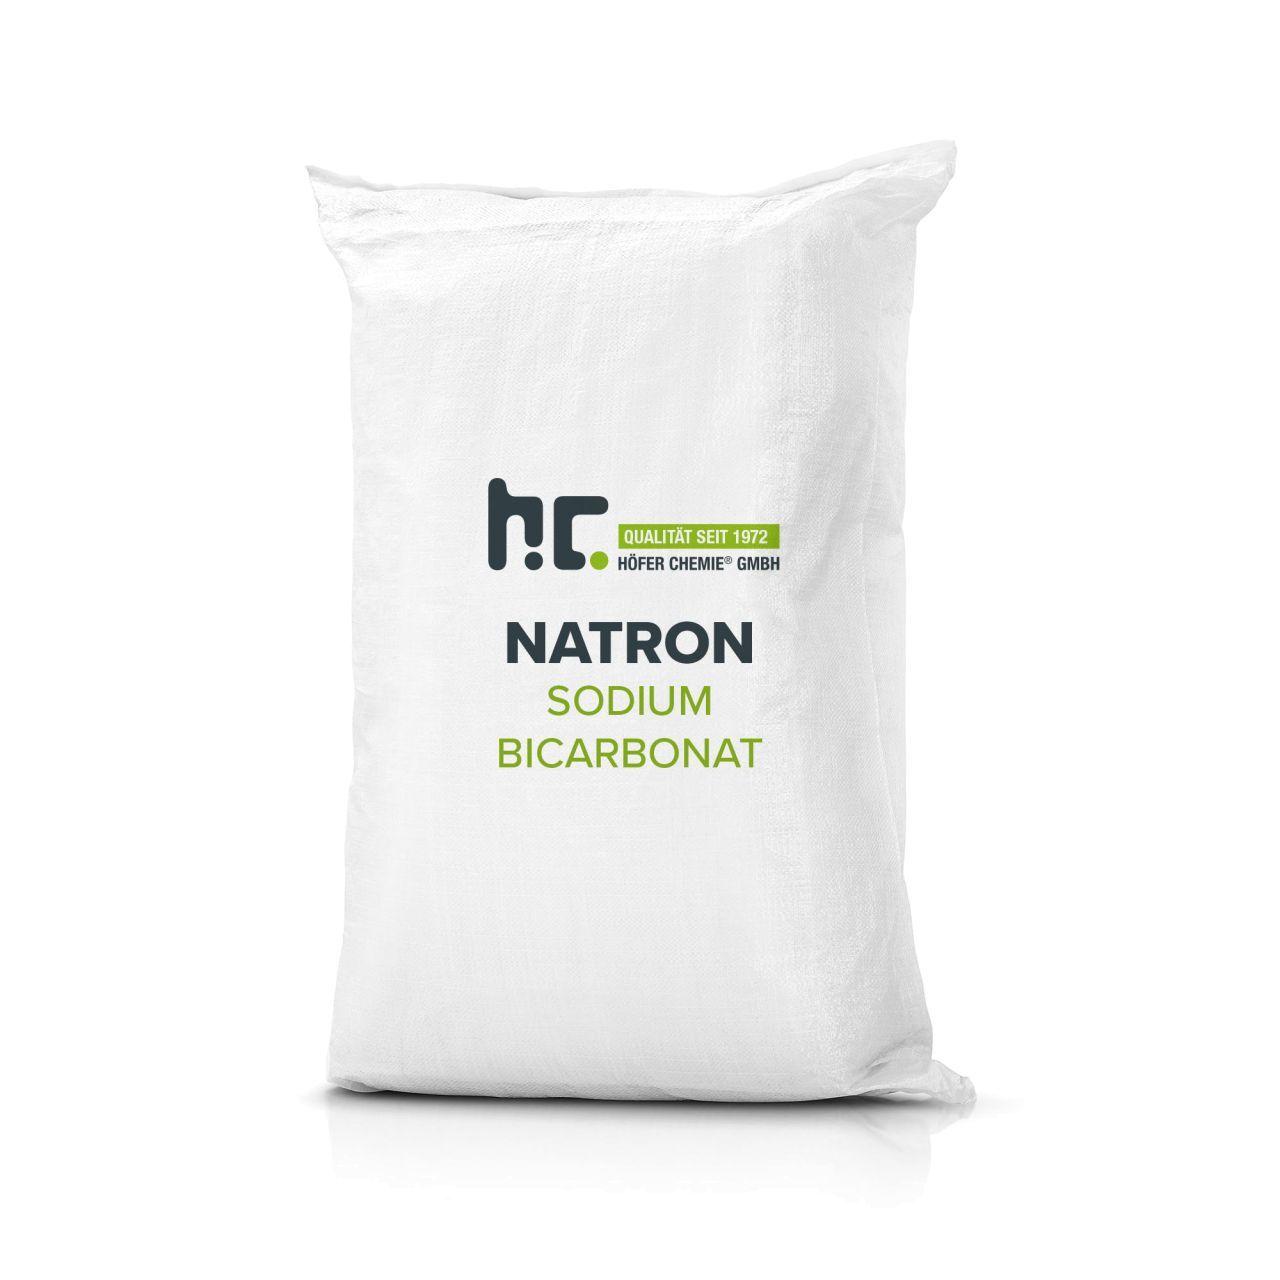 Höfer Chemie 100 kg de bicarbonate de sodium en qualité alimentaire (4 x 25 kg)